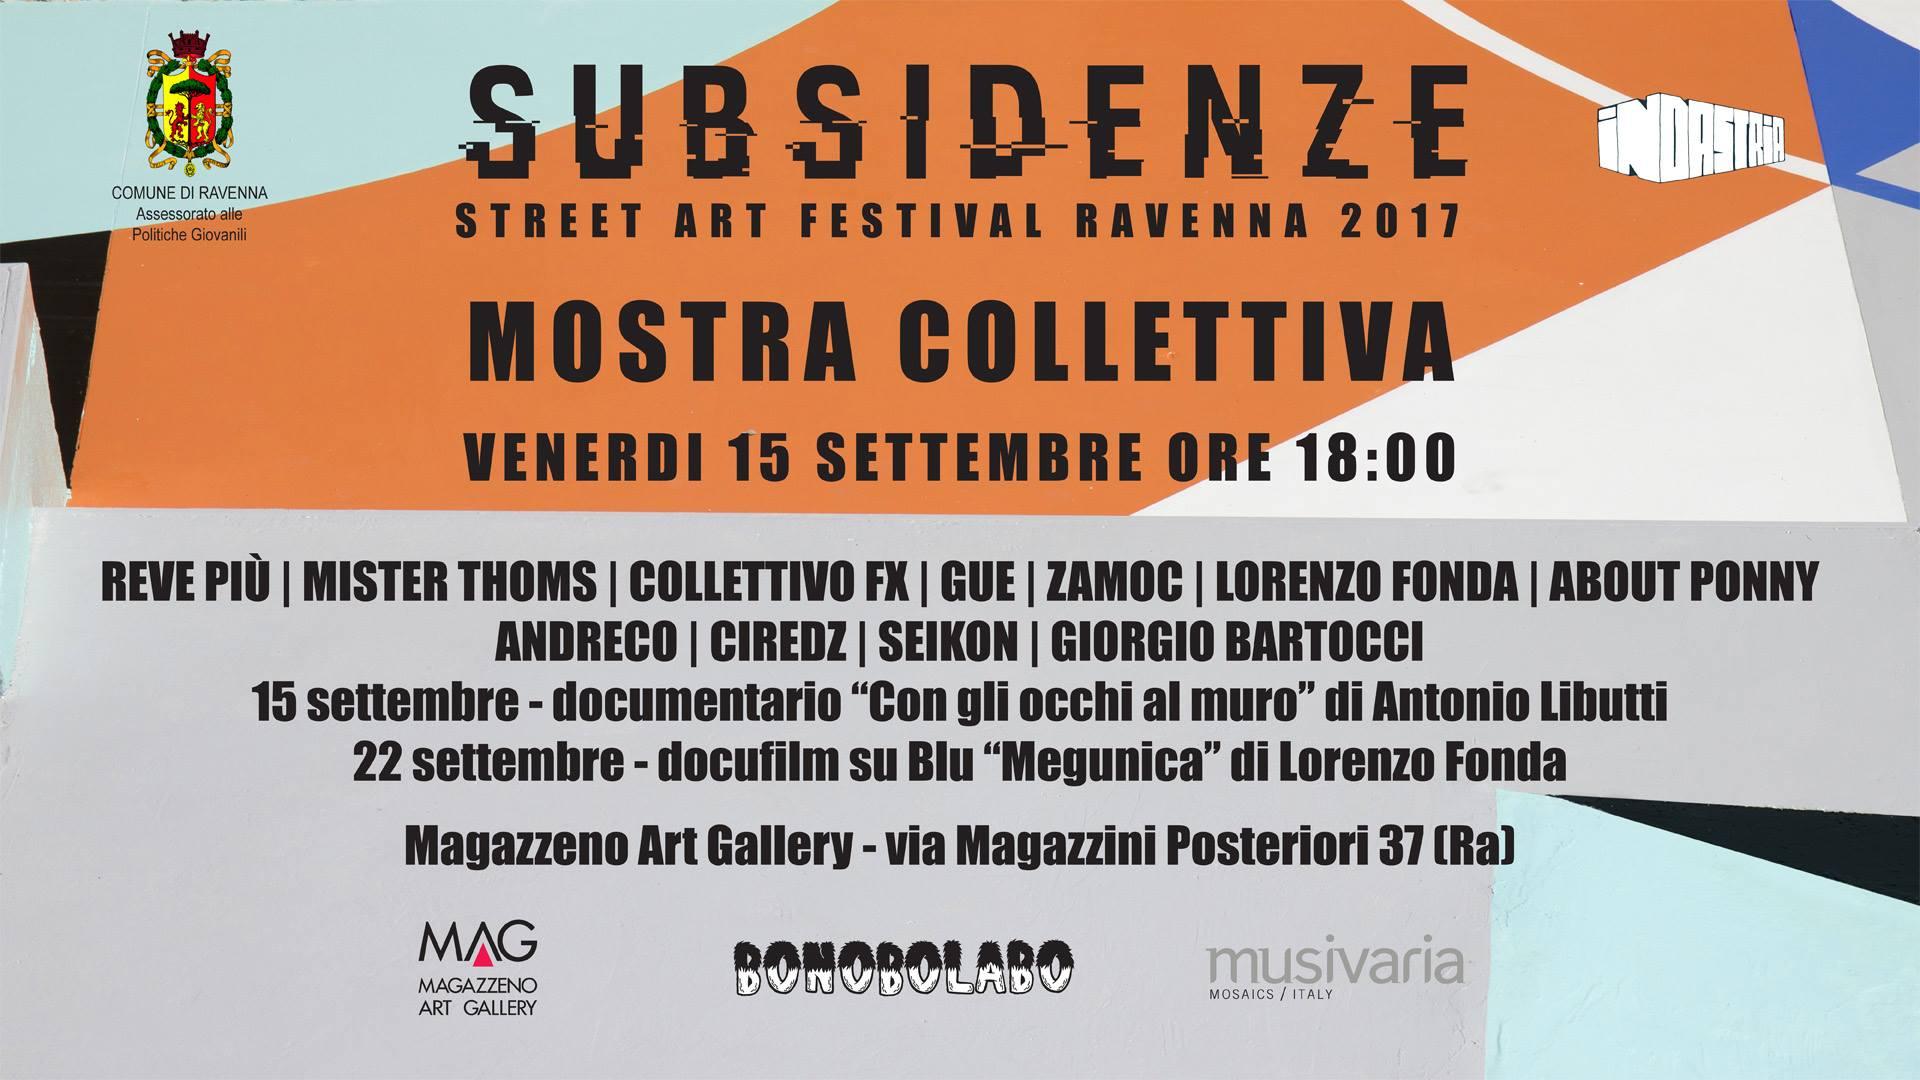 Subsidenze 2017